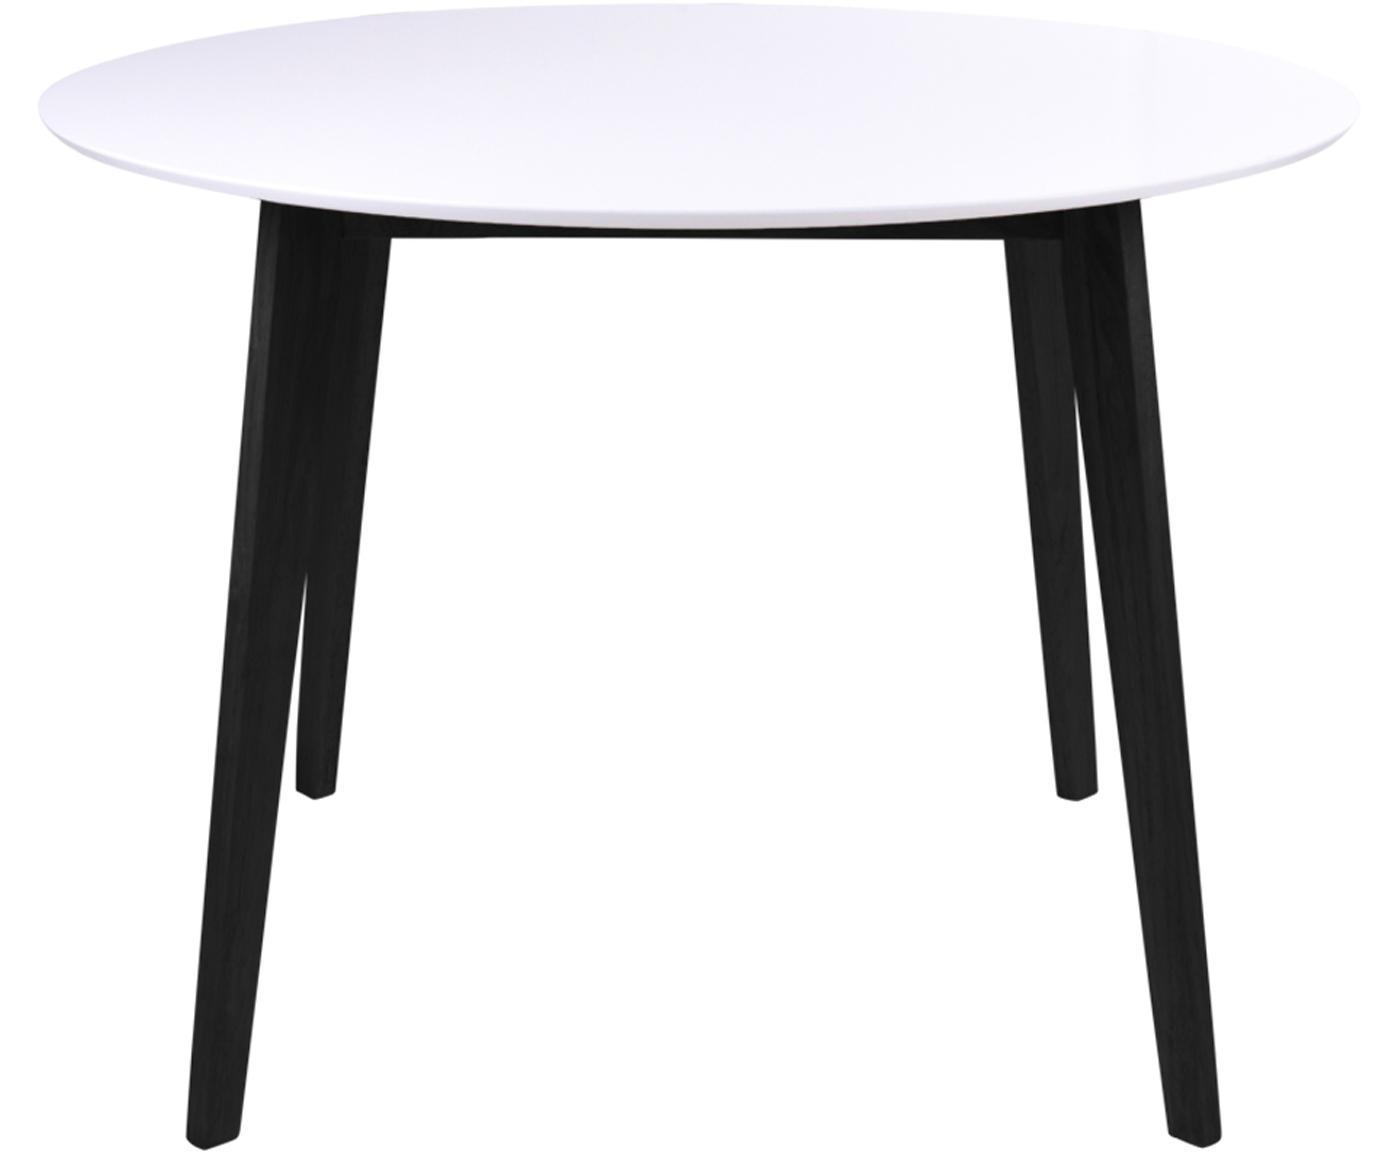 Table ronde avec plateau blanc Vojens, Blanc, noir